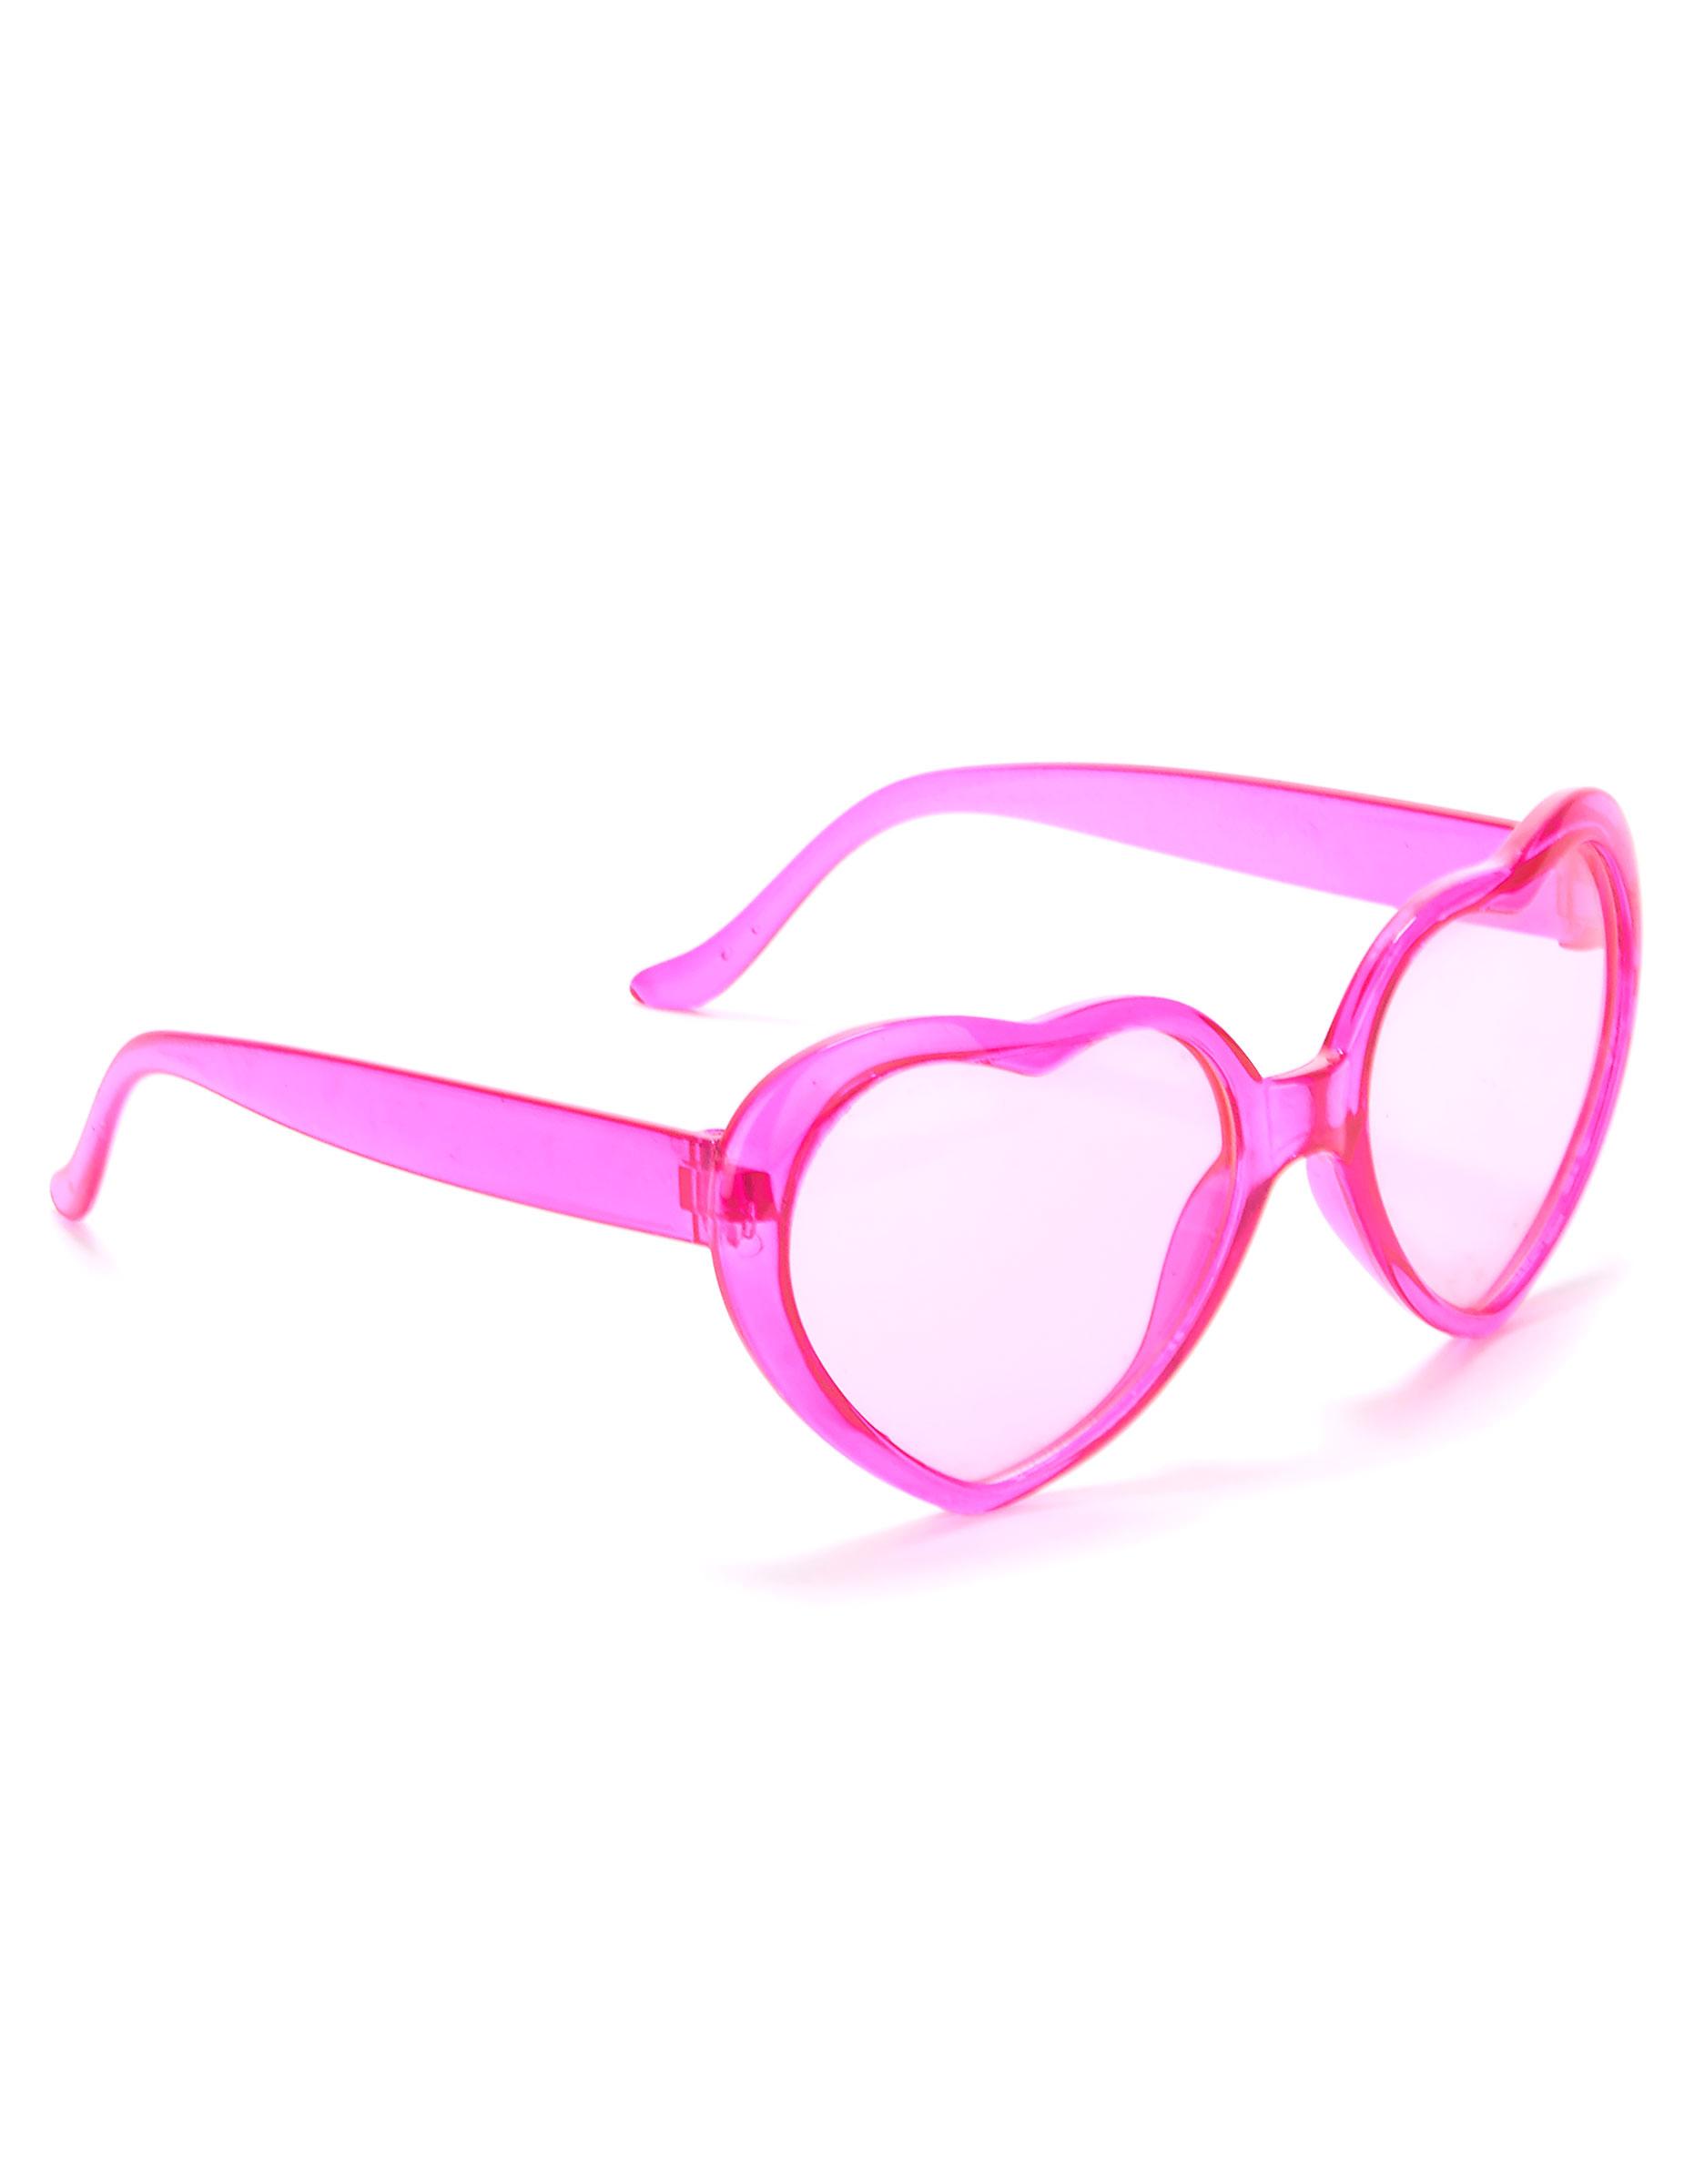 Lunettes roses coeur plastique adulte   Deguise-toi, achat de ... 9ddb6131e43e